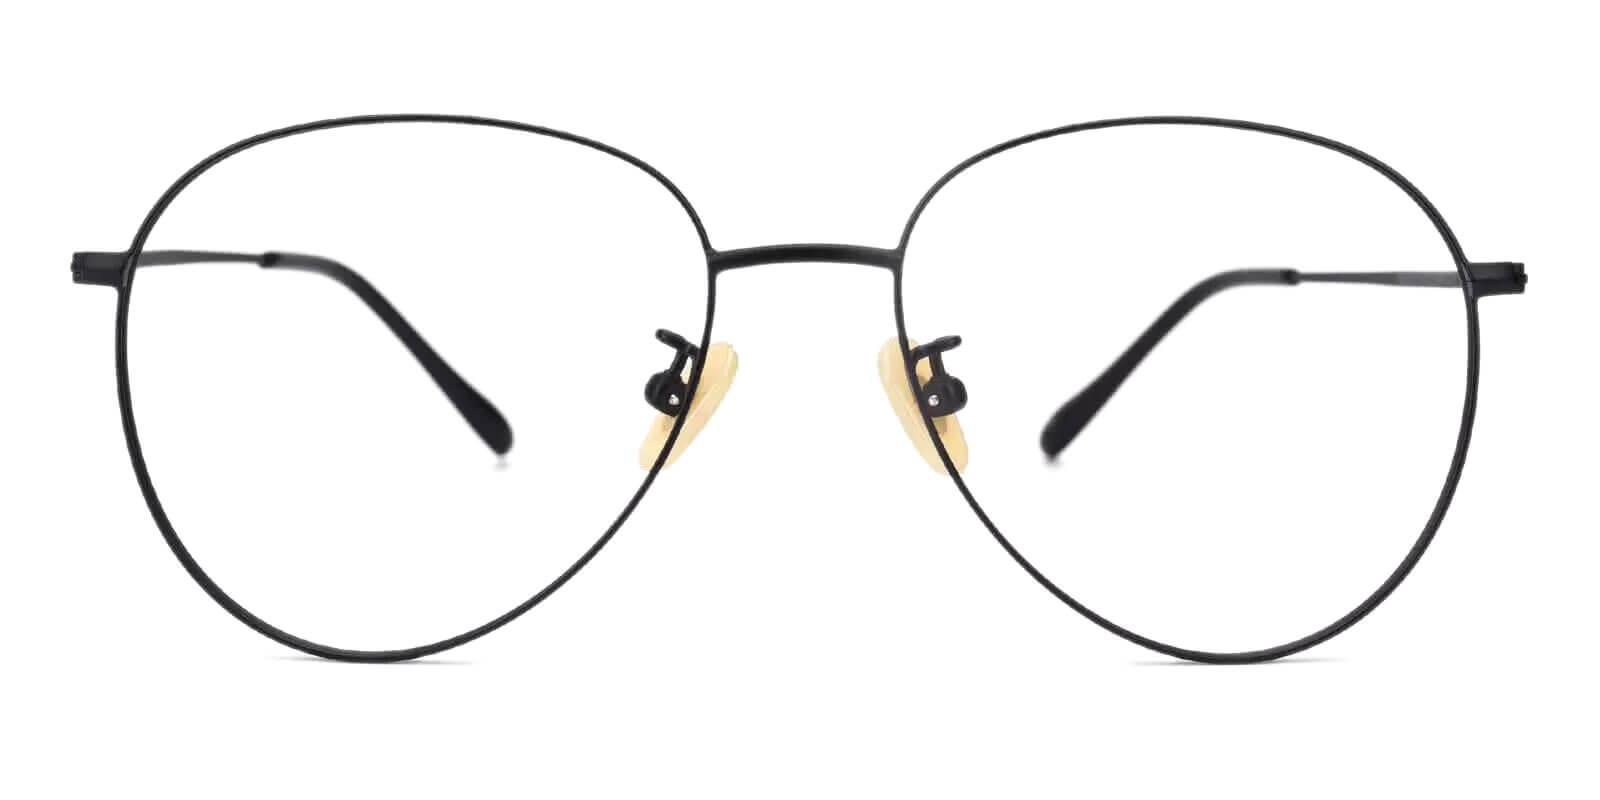 Nepal Black Titanium Eyeglasses , Lightweight , NosePads Frames from ABBE Glasses